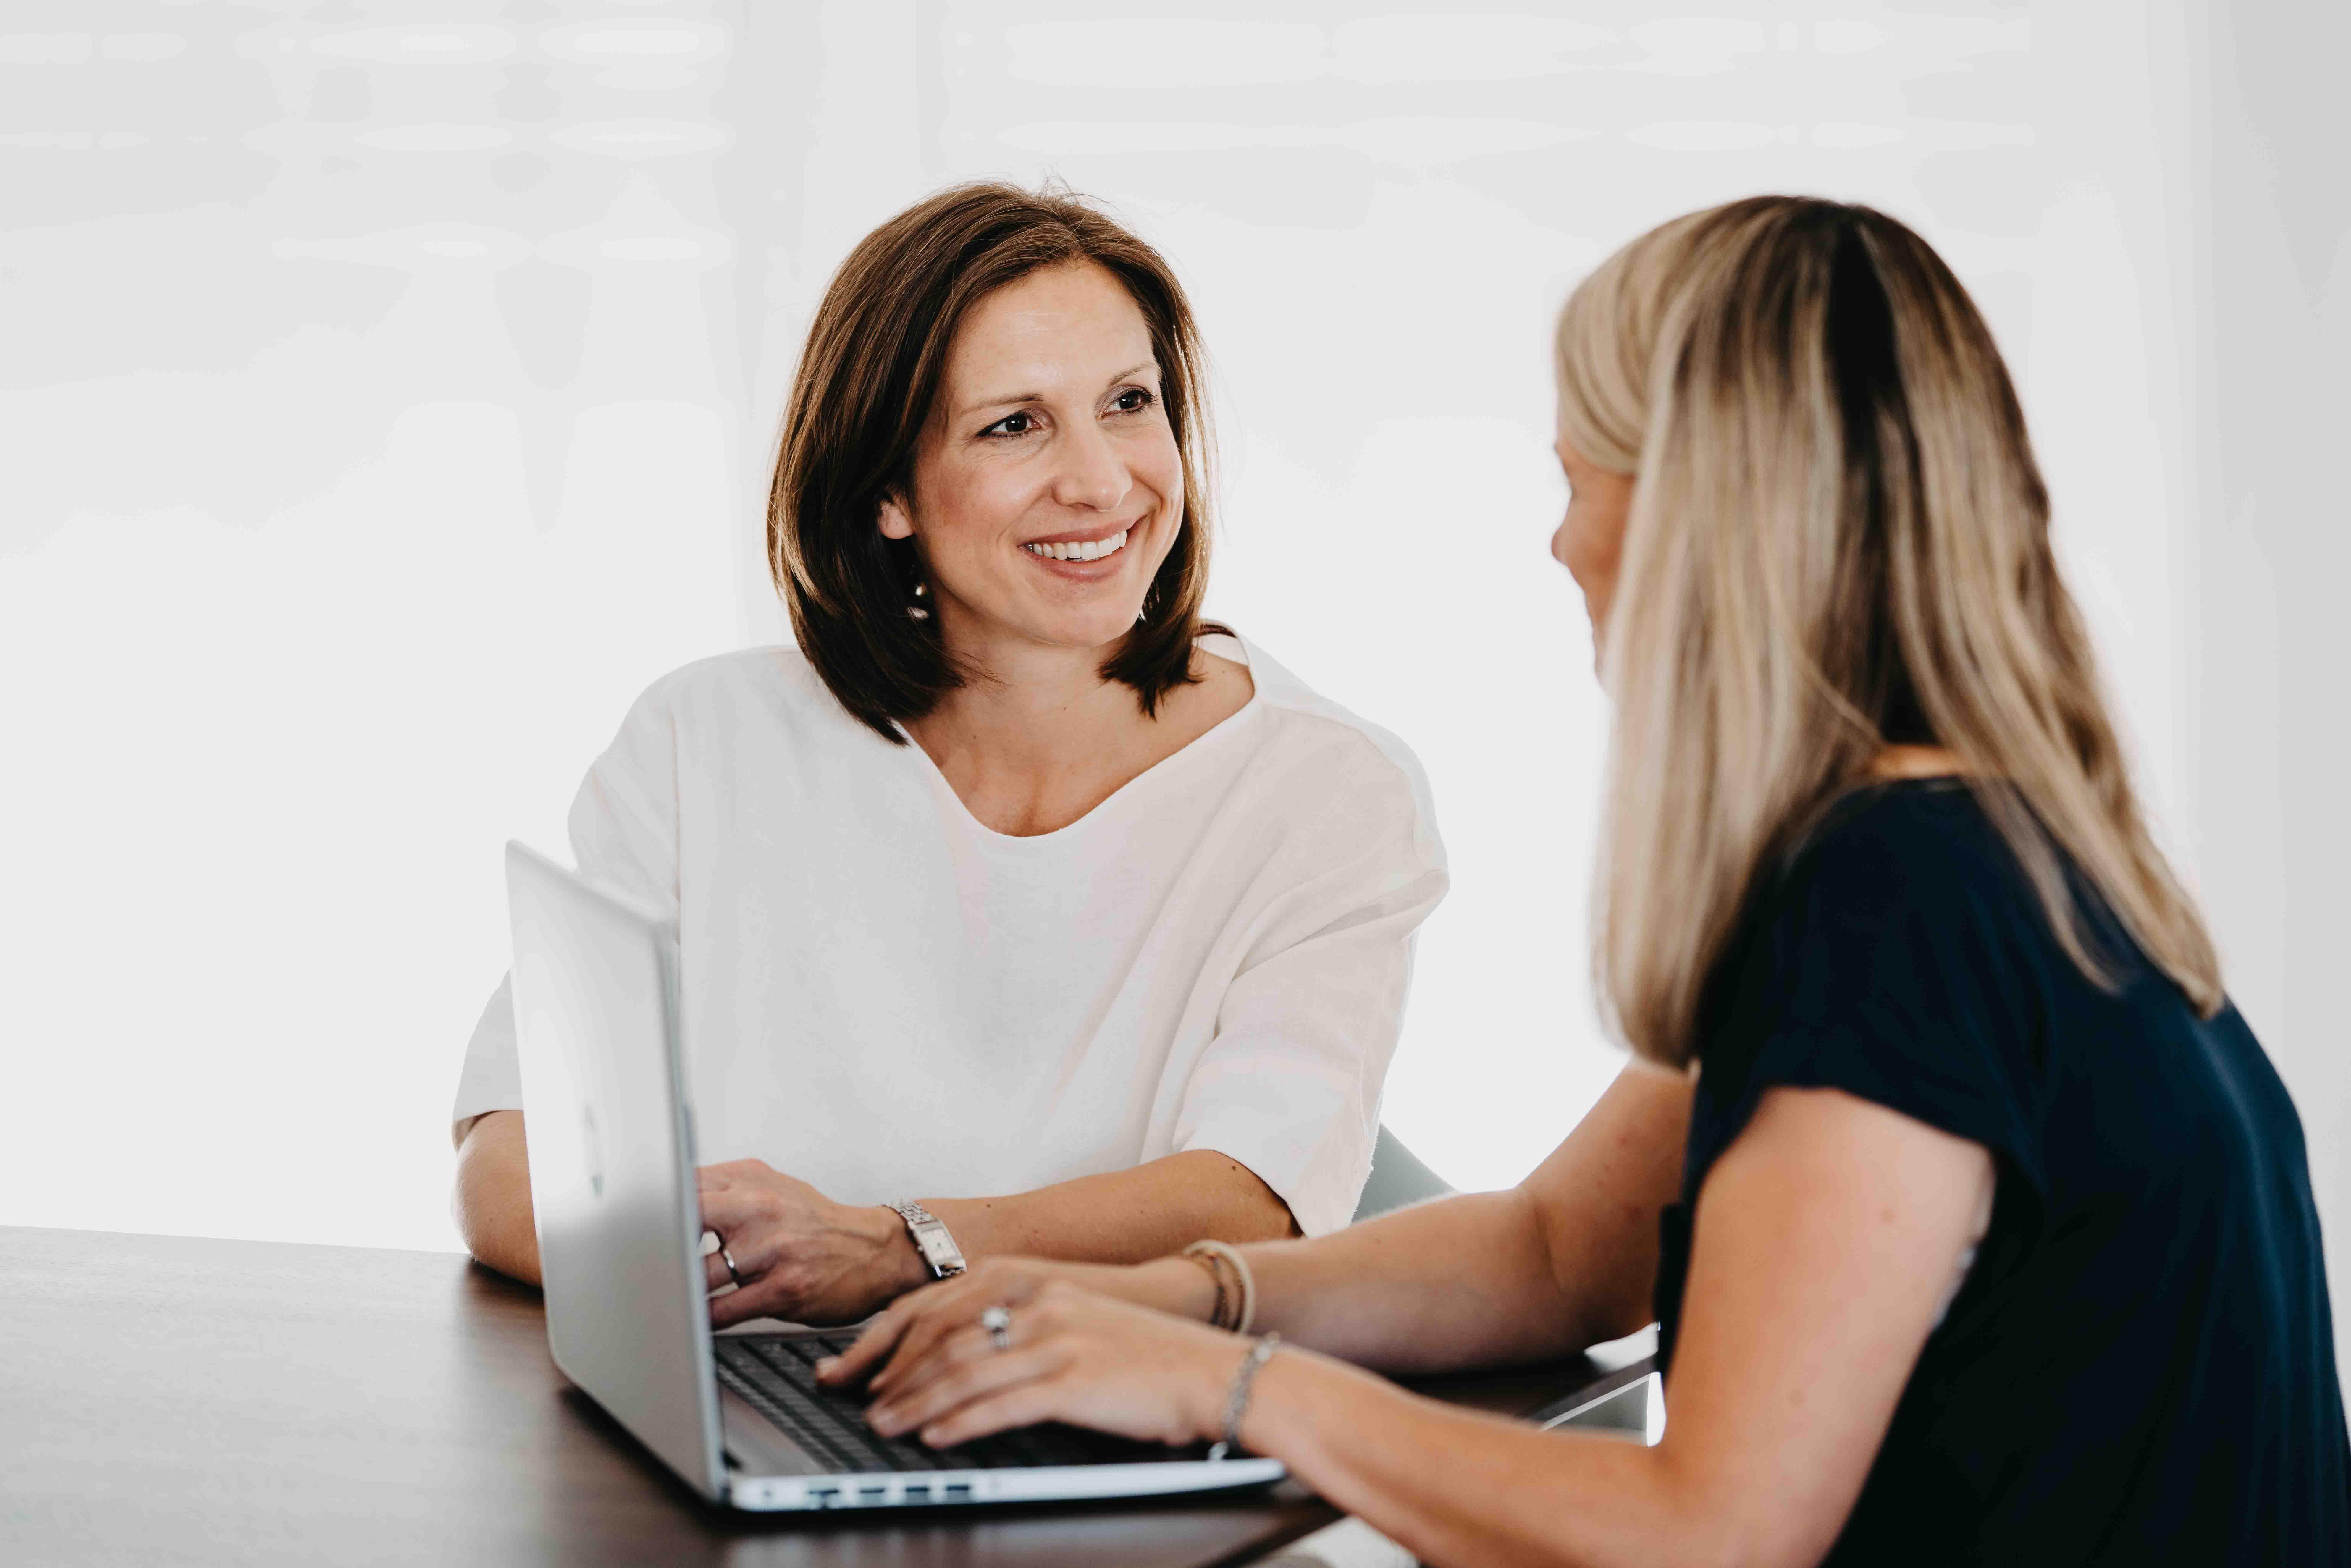 Zwei Frauen unterhalten sich angeregt miteinander.